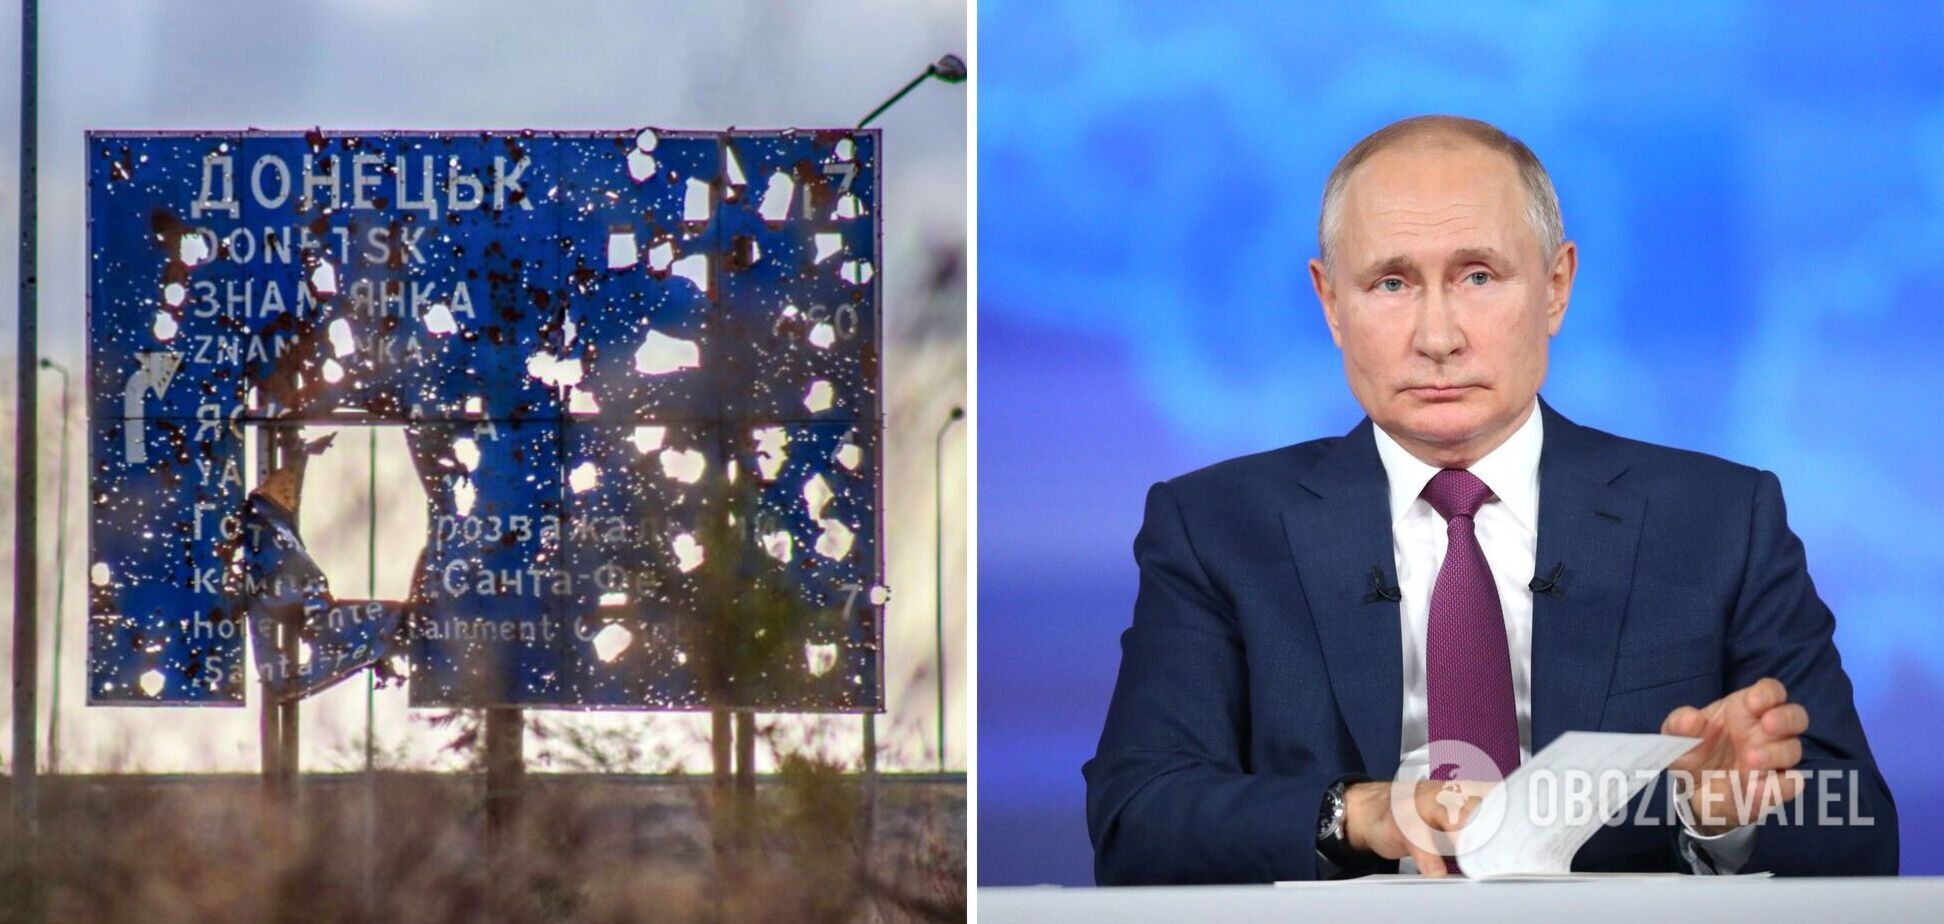 Путин обвинил Украину в том, что она 'не хочет возвращать' оккупированный Россией Донбасс